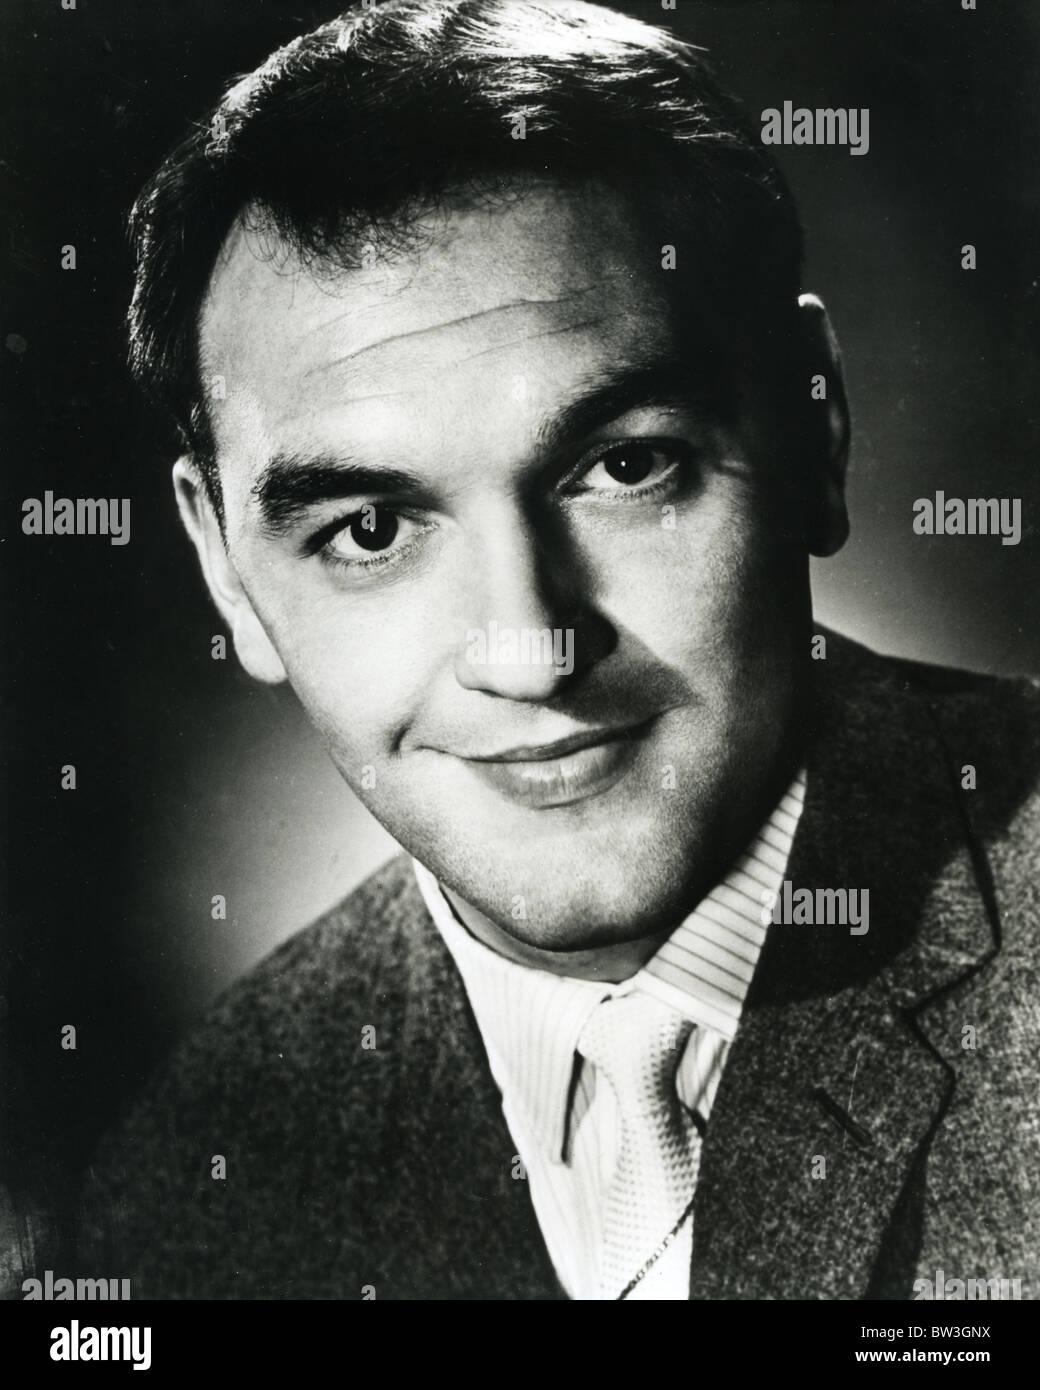 AL SAXON - UK pop singer about 1960 - Stock Image